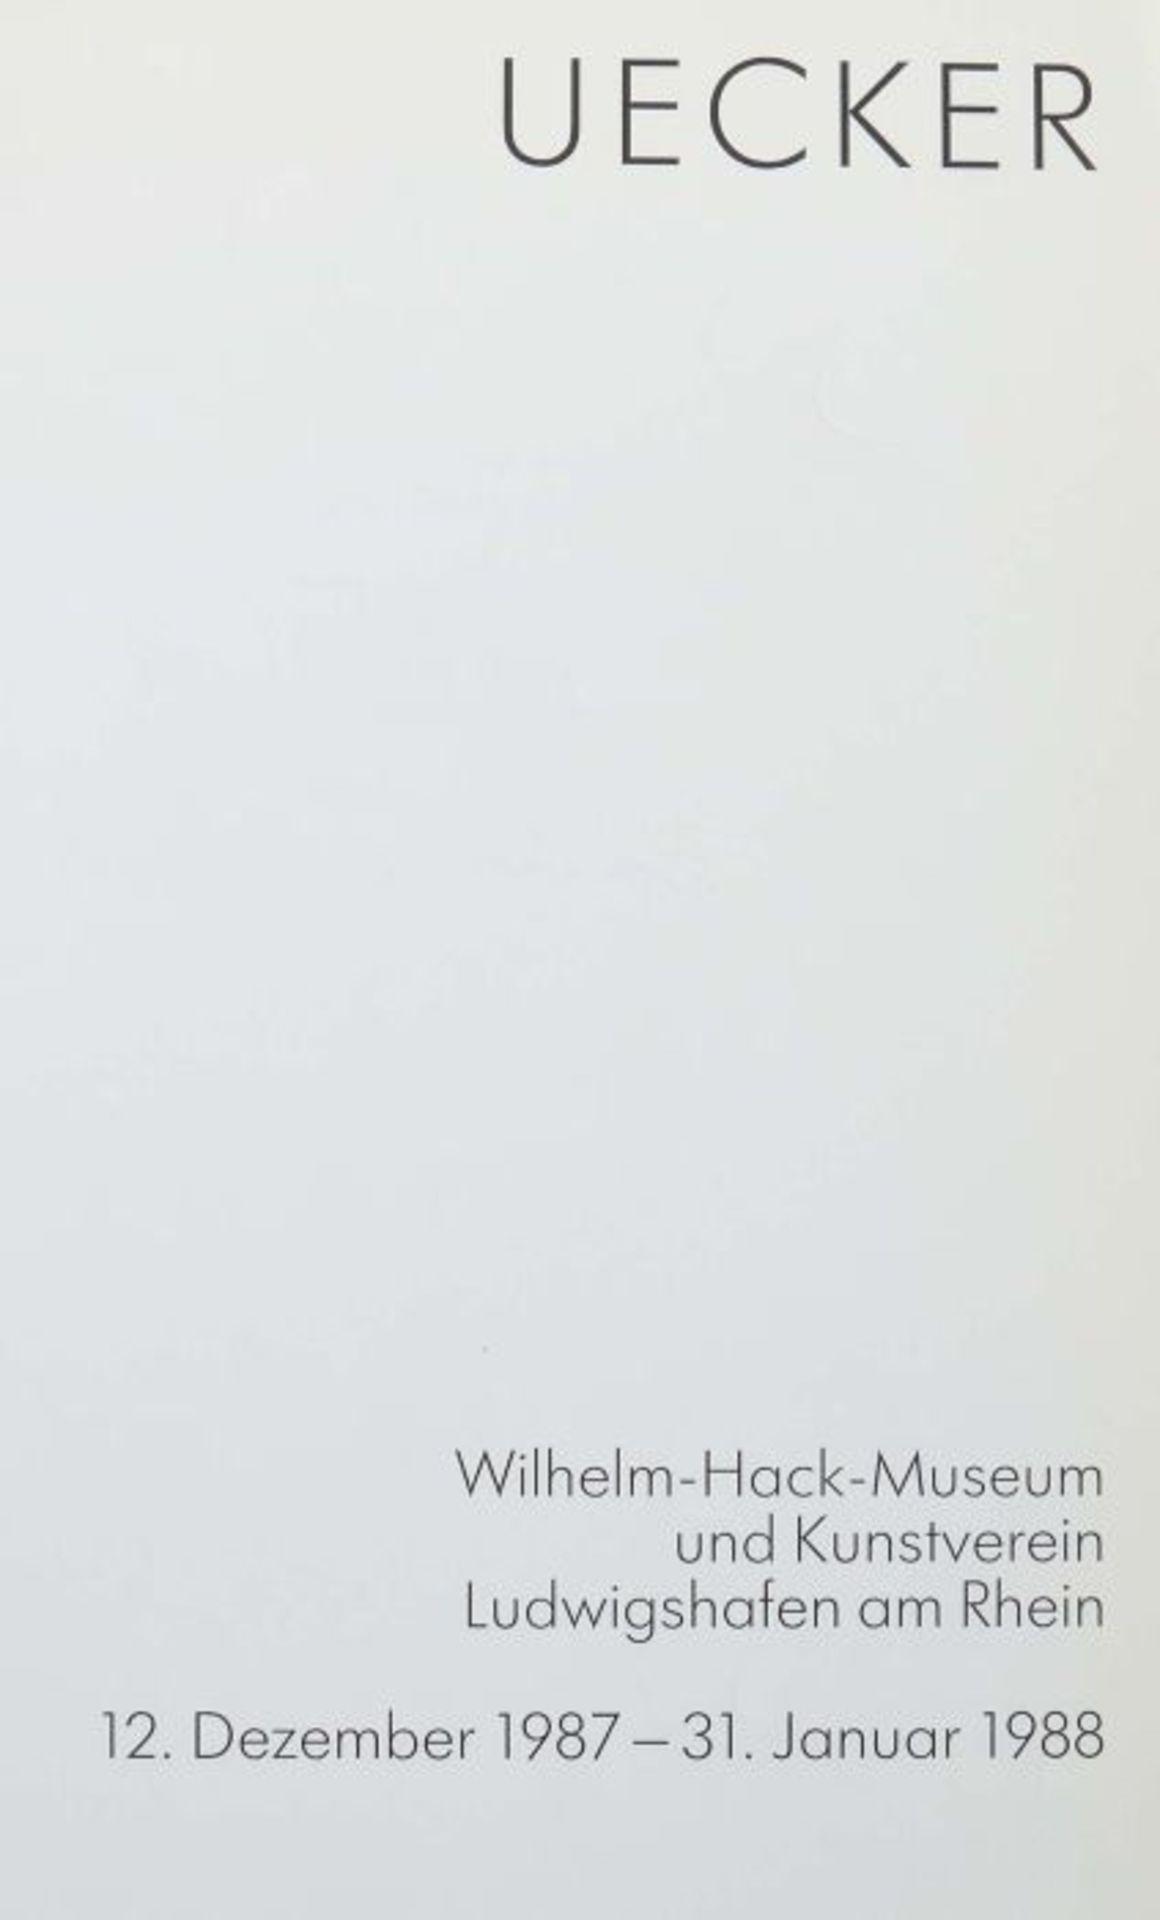 Signierter Ausstellungskatalog Günther Uecker UECKER - Wilhelm-Hack-Museum und Kunstverein - Bild 3 aus 3